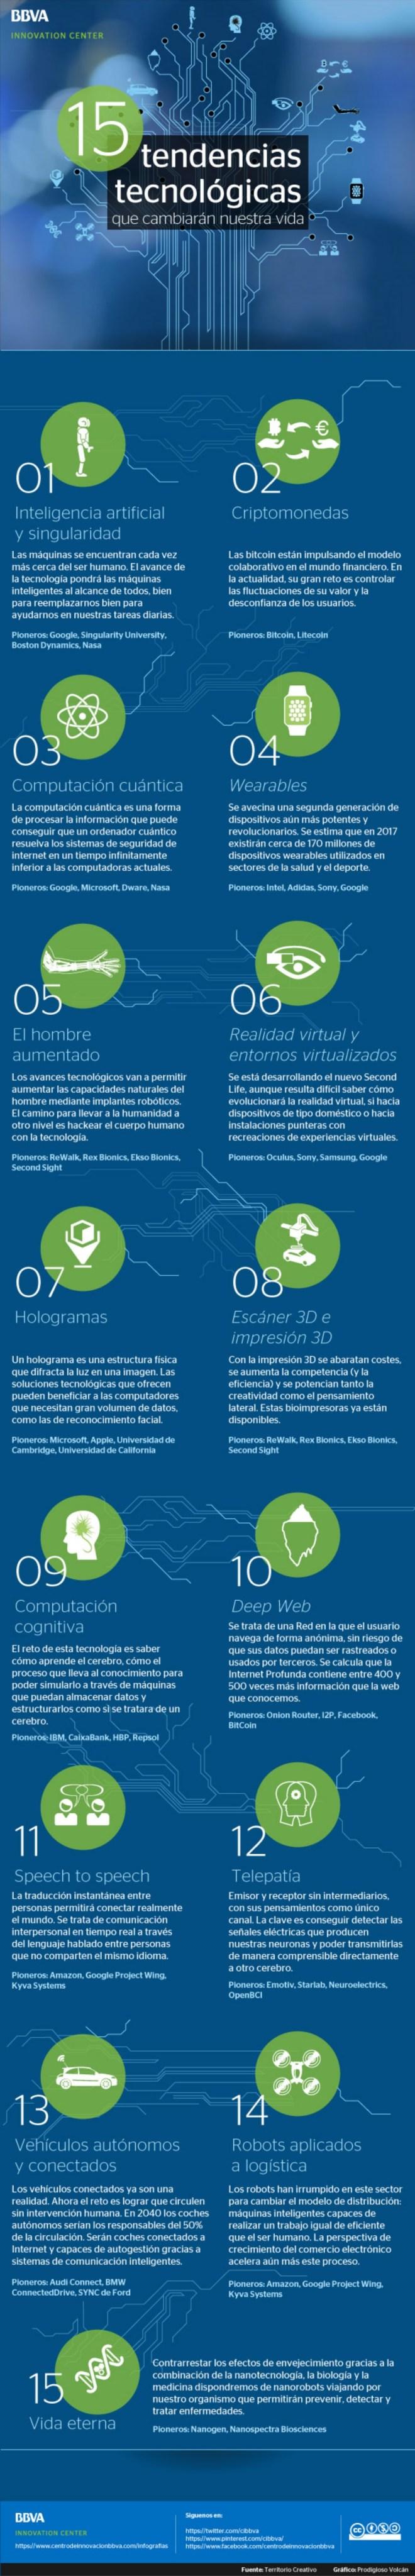 15 tendencias tecnológicas que cambiarán nuestras vidas